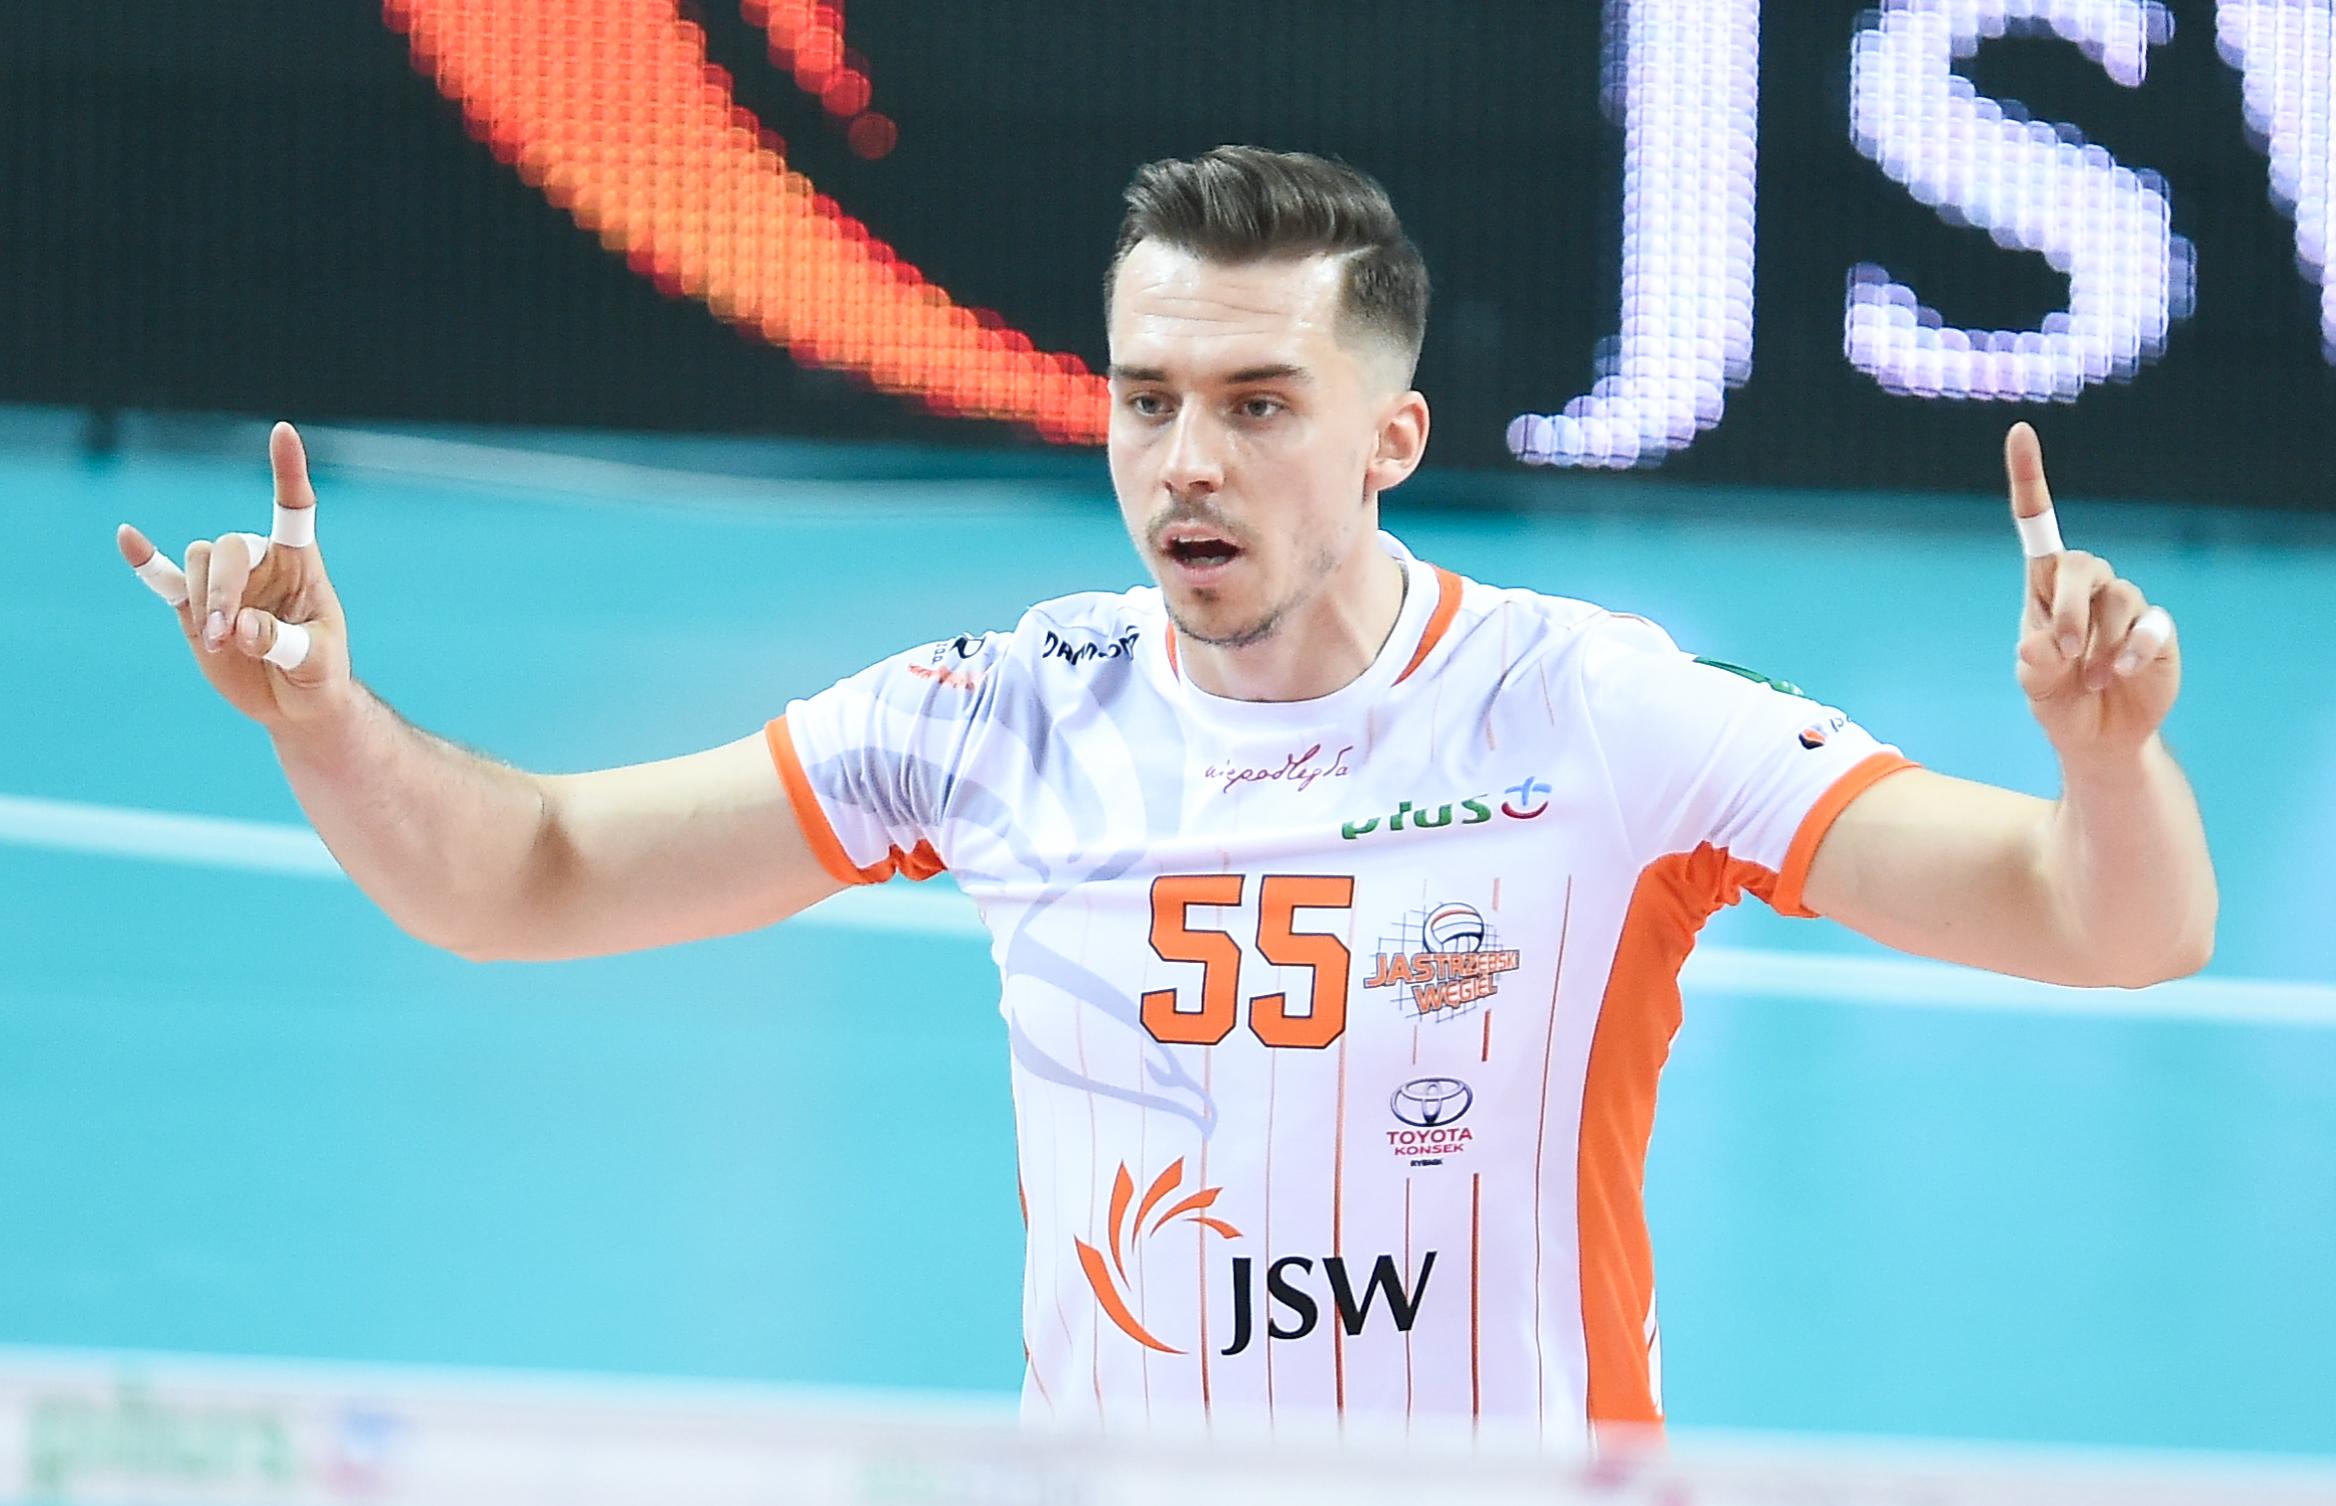 Wojciech Ferens